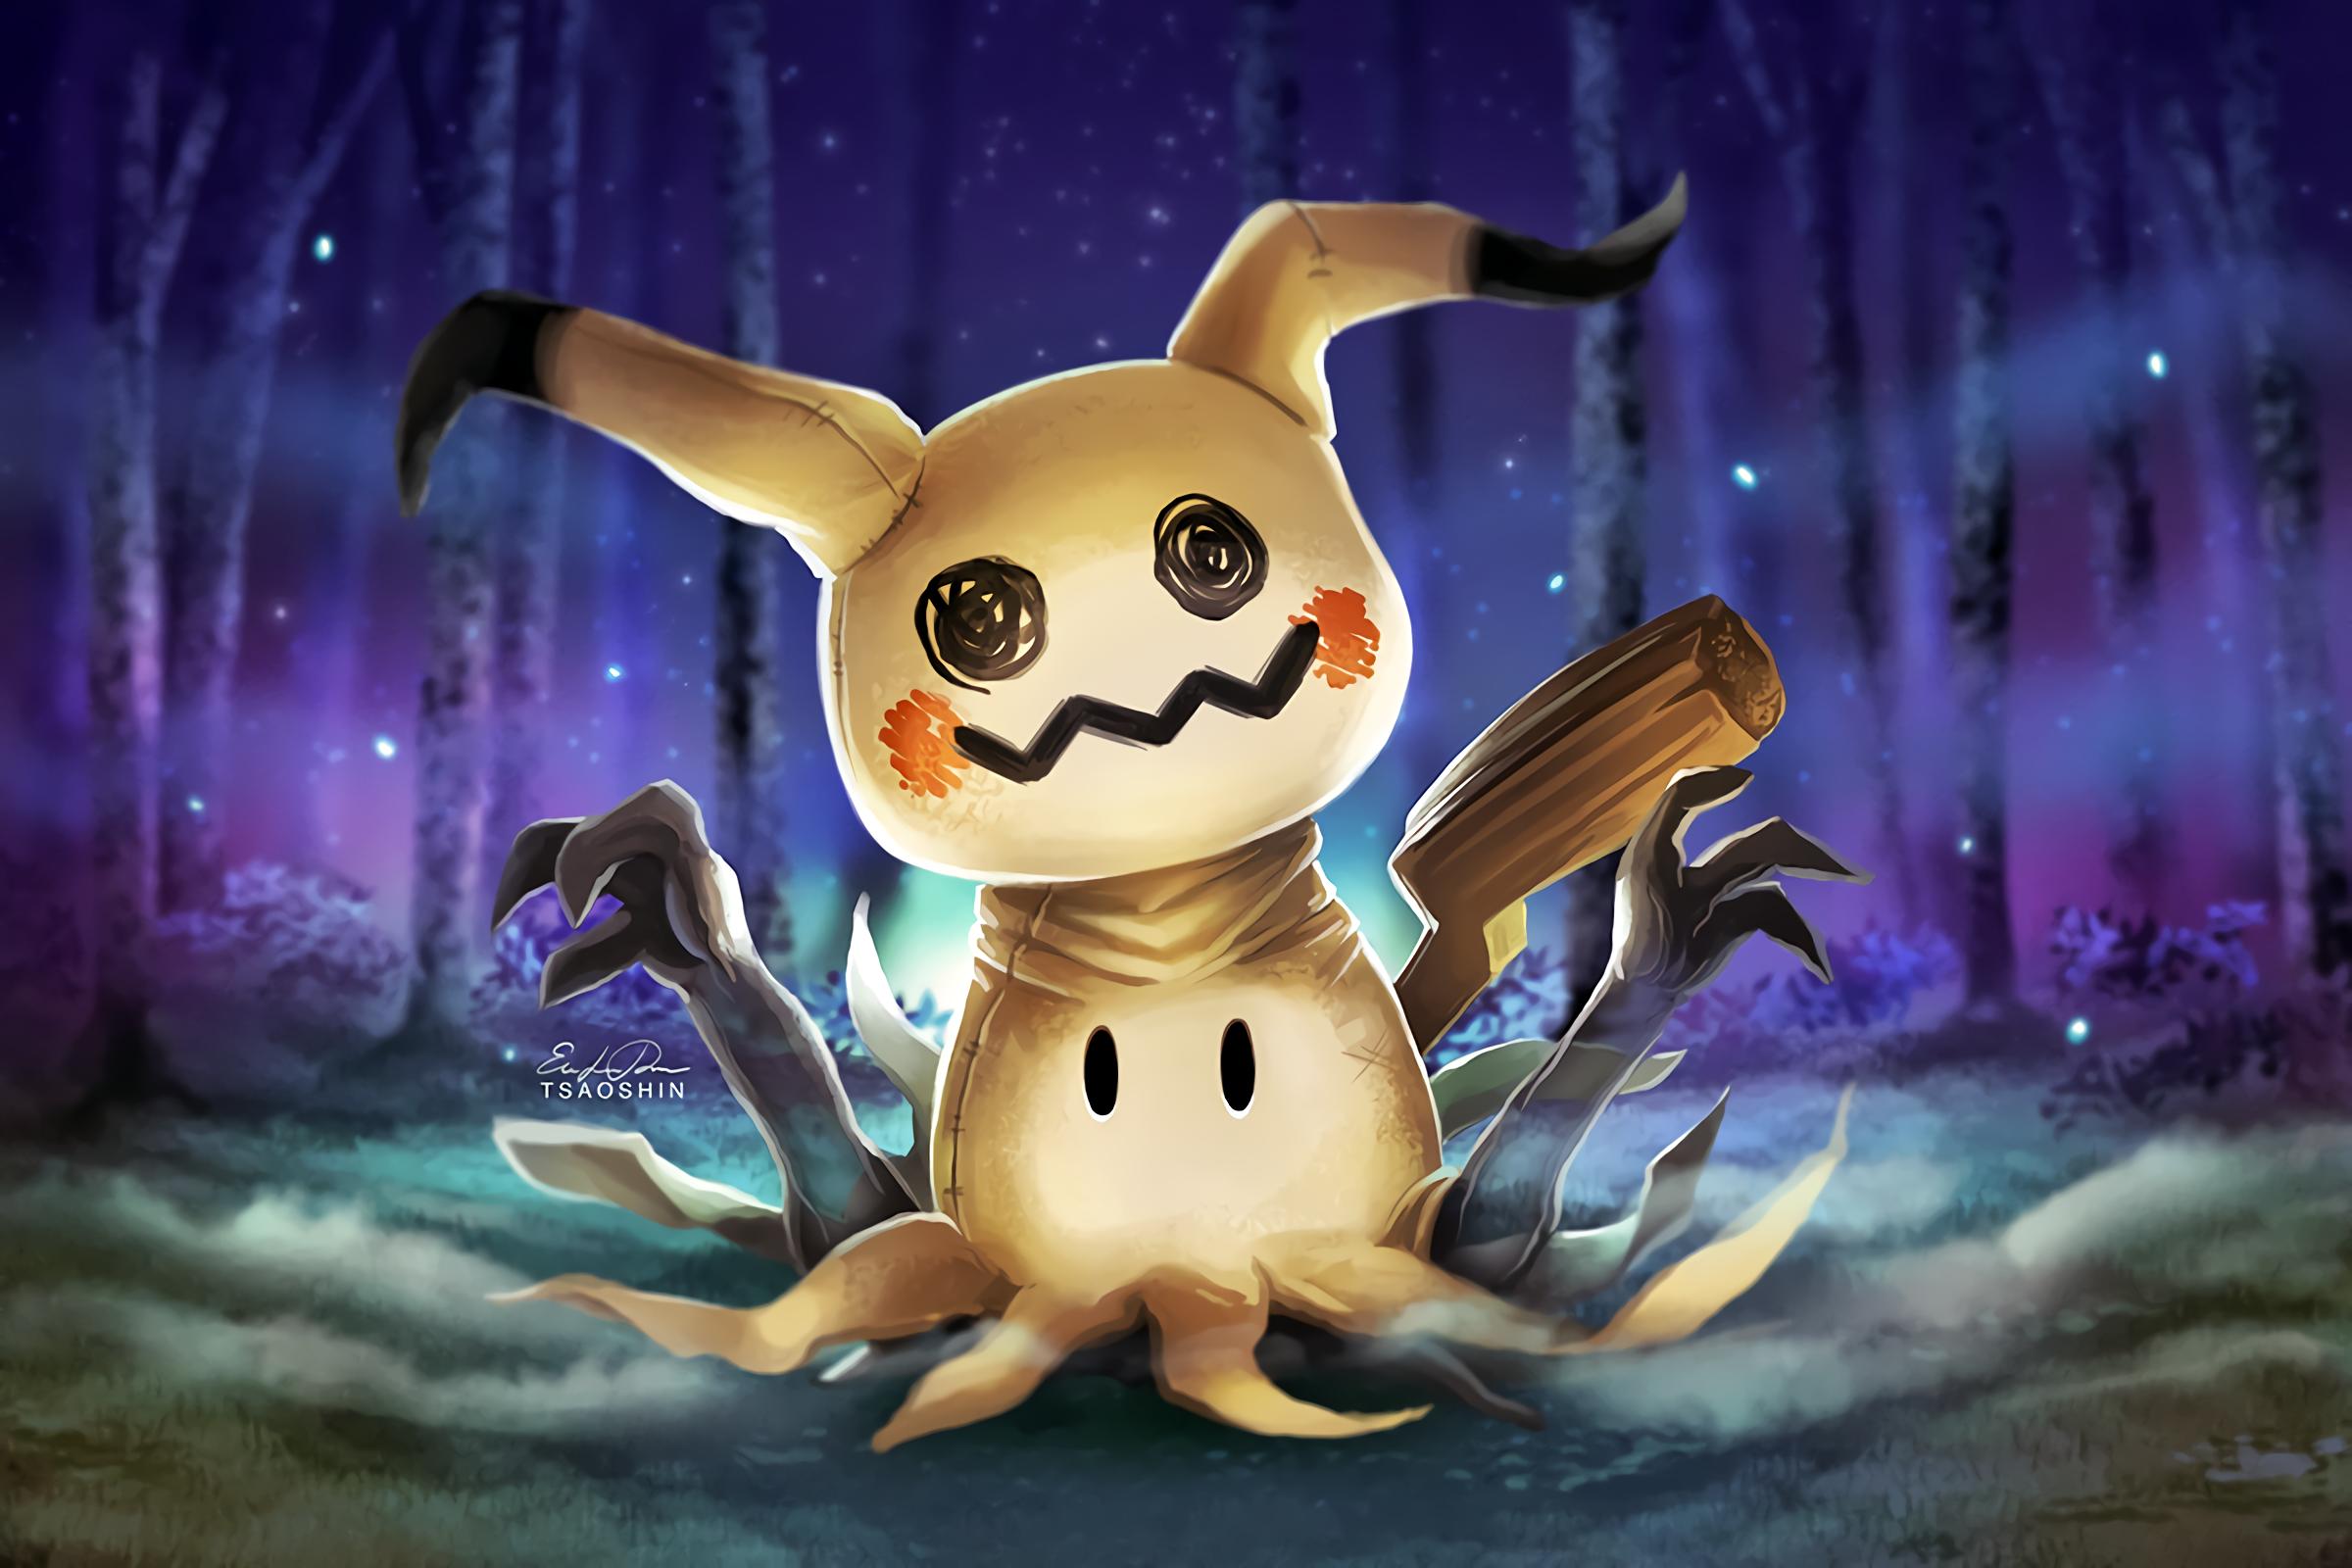 Pokémon Soleil et Lune Fond d'écran HD | Arrière-Plan | 2400x1600 | ID:742864 - Wallpaper Abyss